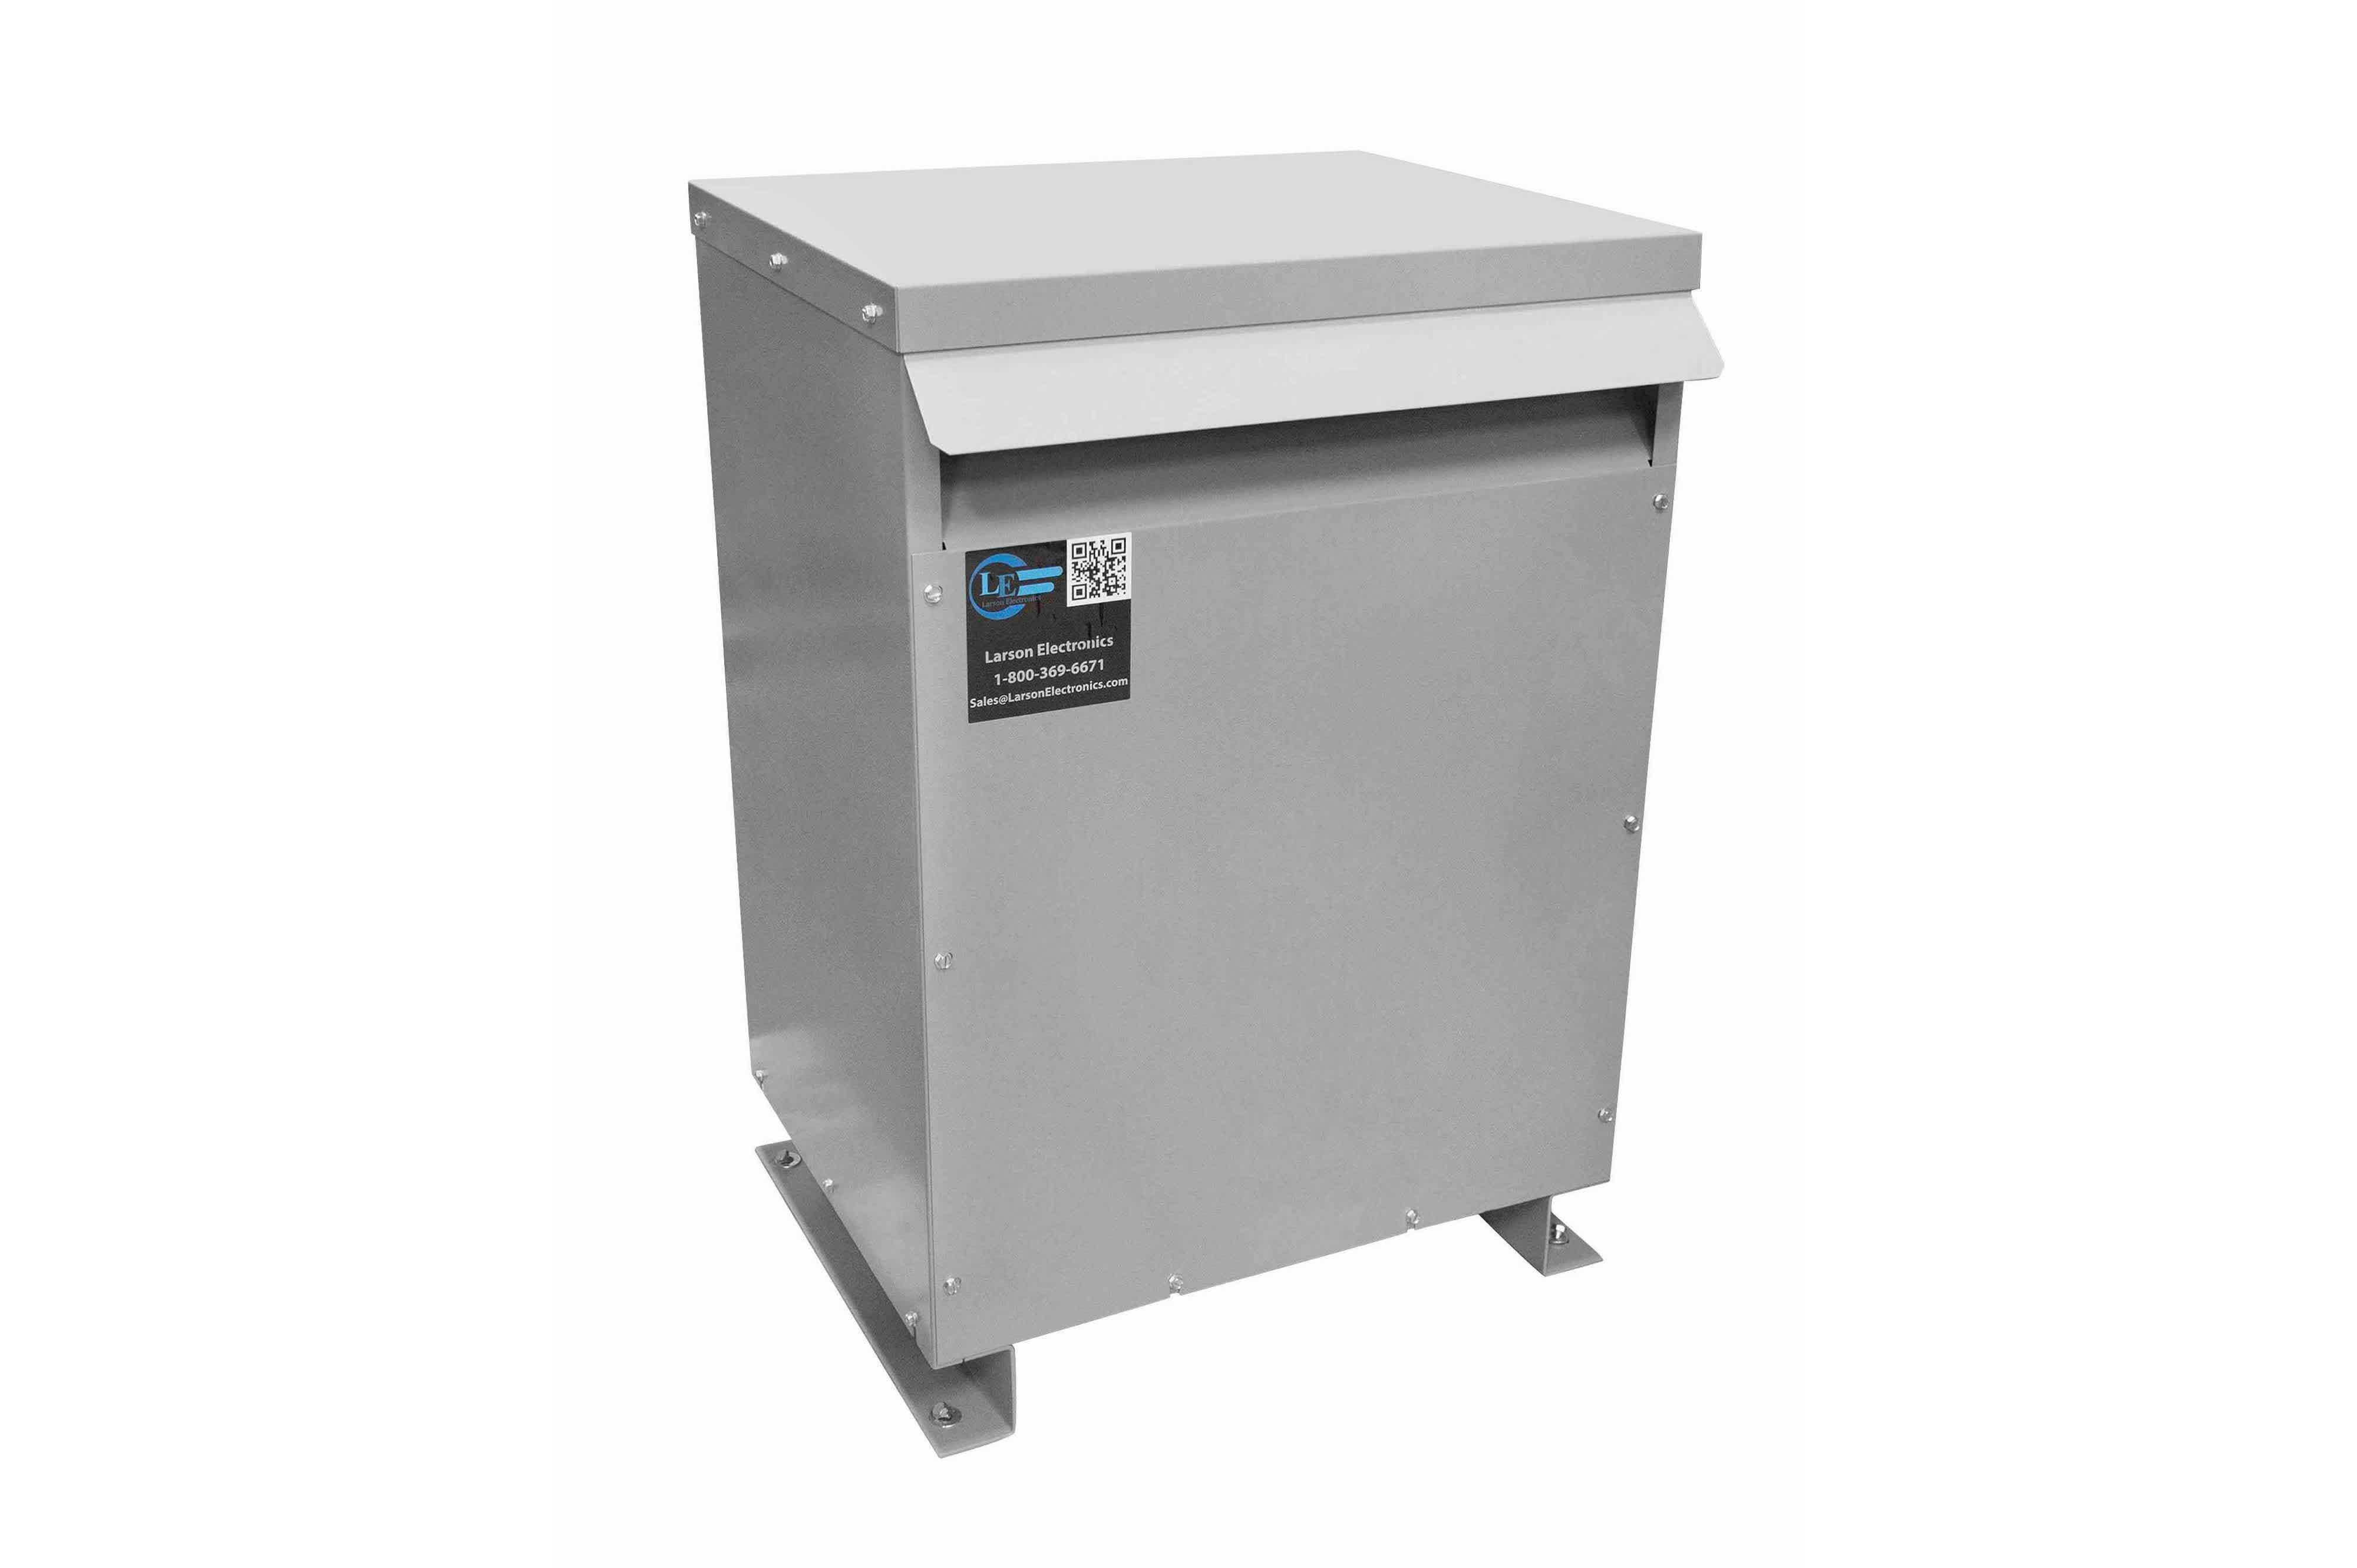 150 kVA 3PH DOE Transformer, 480V Delta Primary, 240V/120 Delta Secondary, N3R, Ventilated, 60 Hz